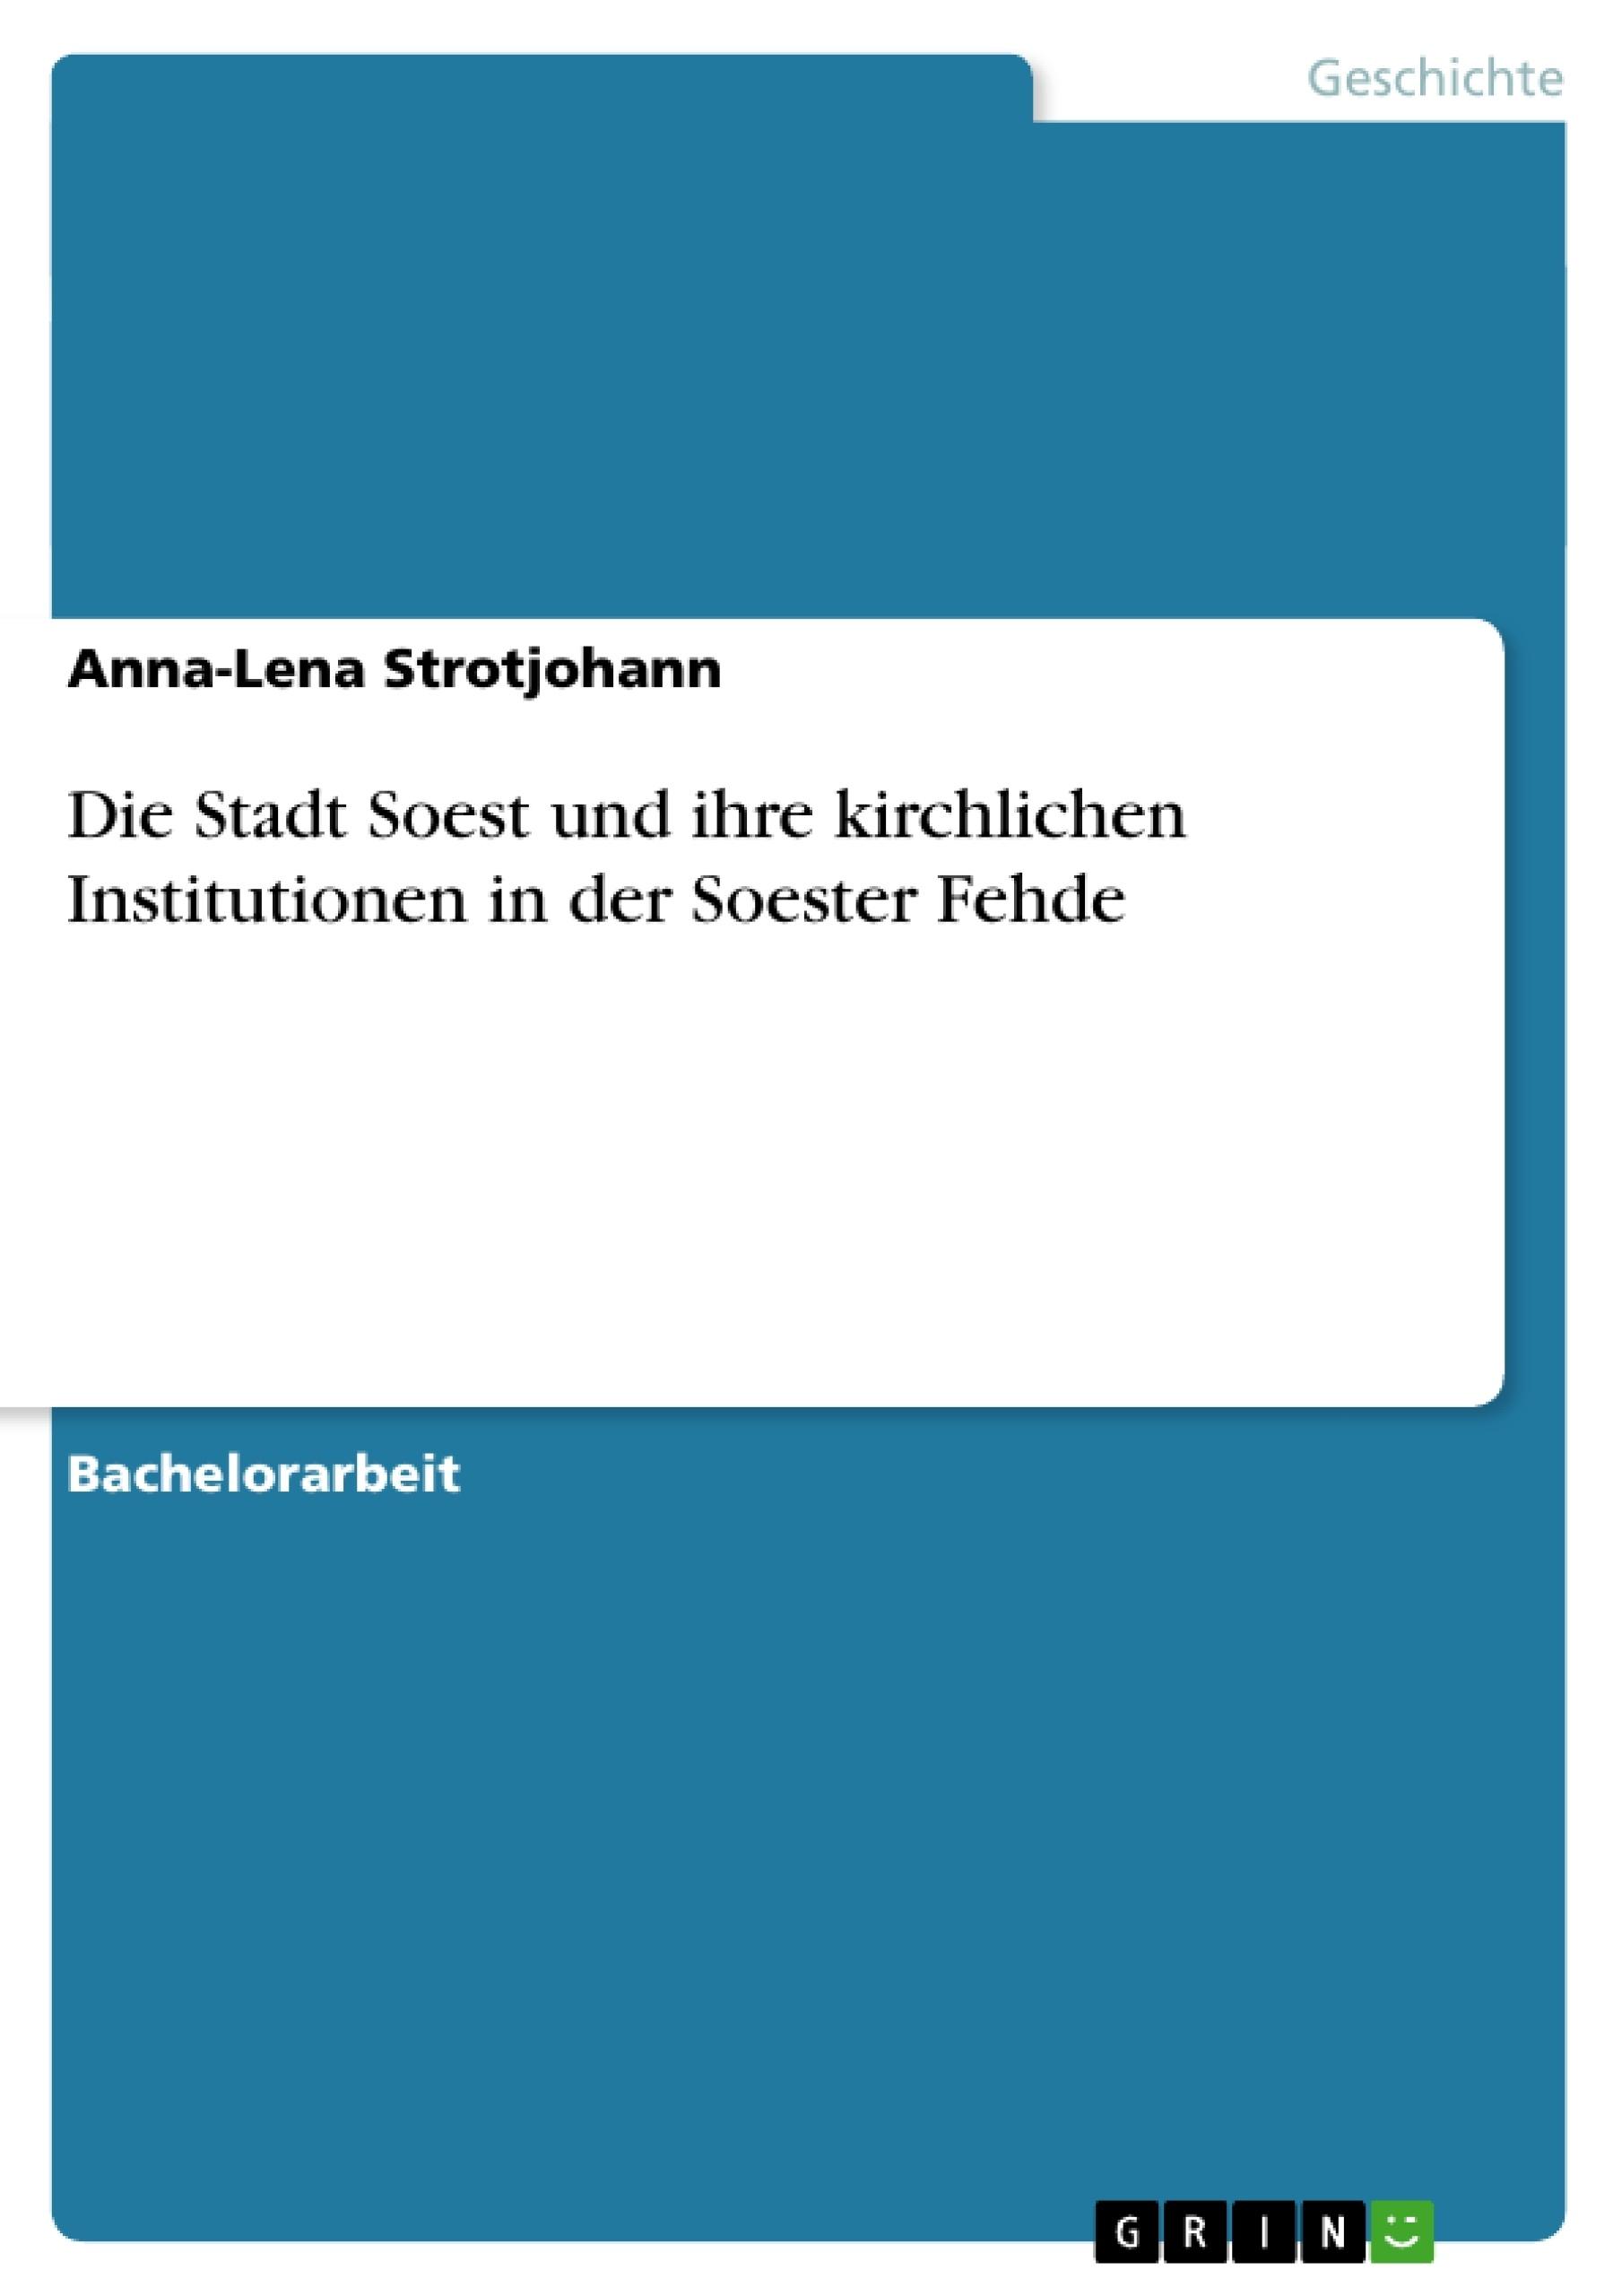 Titel: Die Stadt Soest und ihre kirchlichen Institutionen in der Soester Fehde